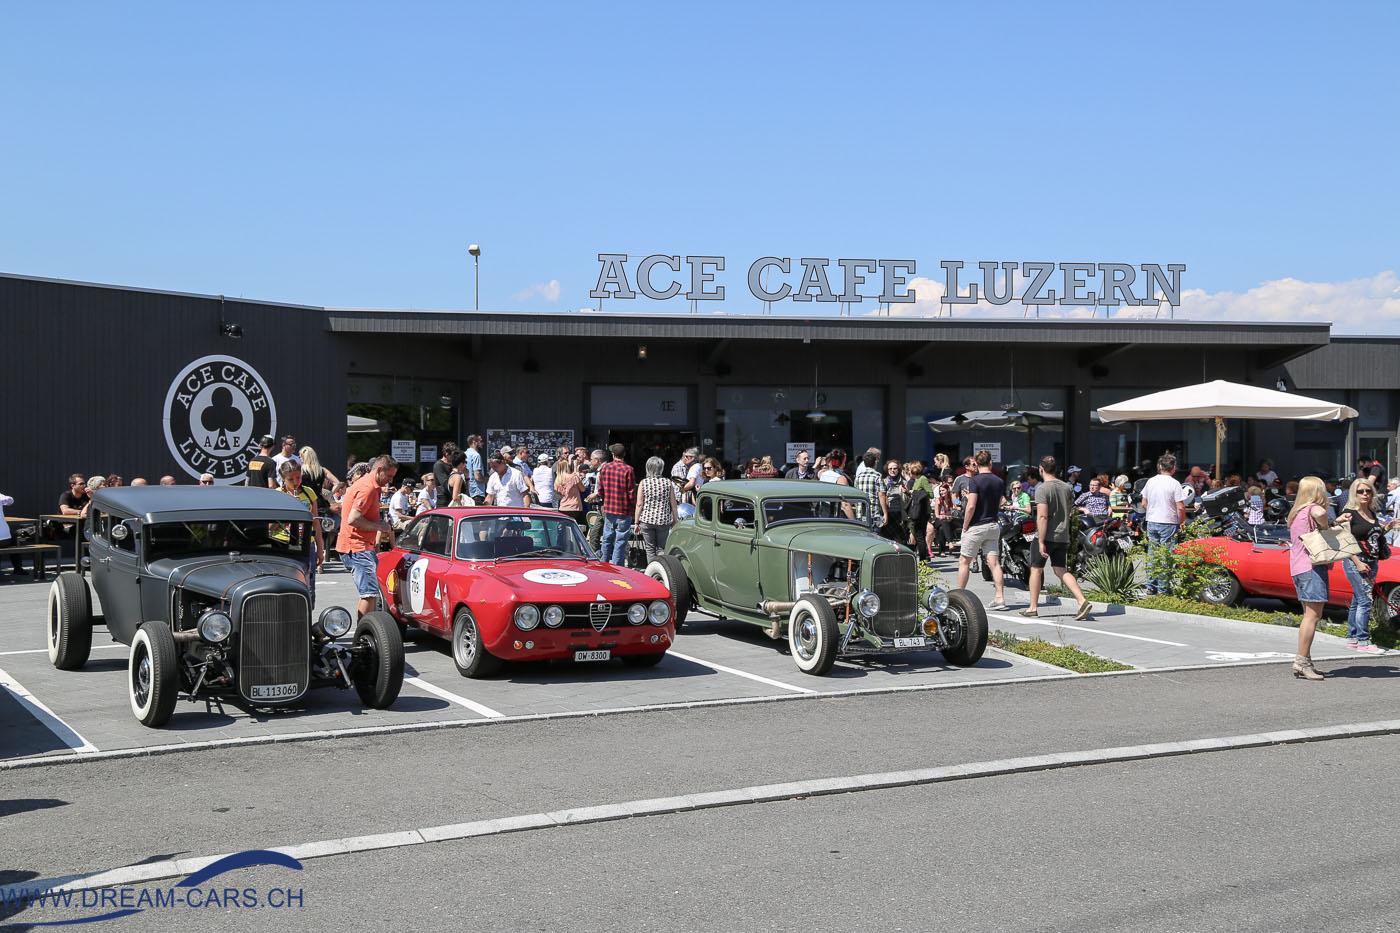 ACE CAFE LUZERN, italienische Fahrzeuge Mai 2016